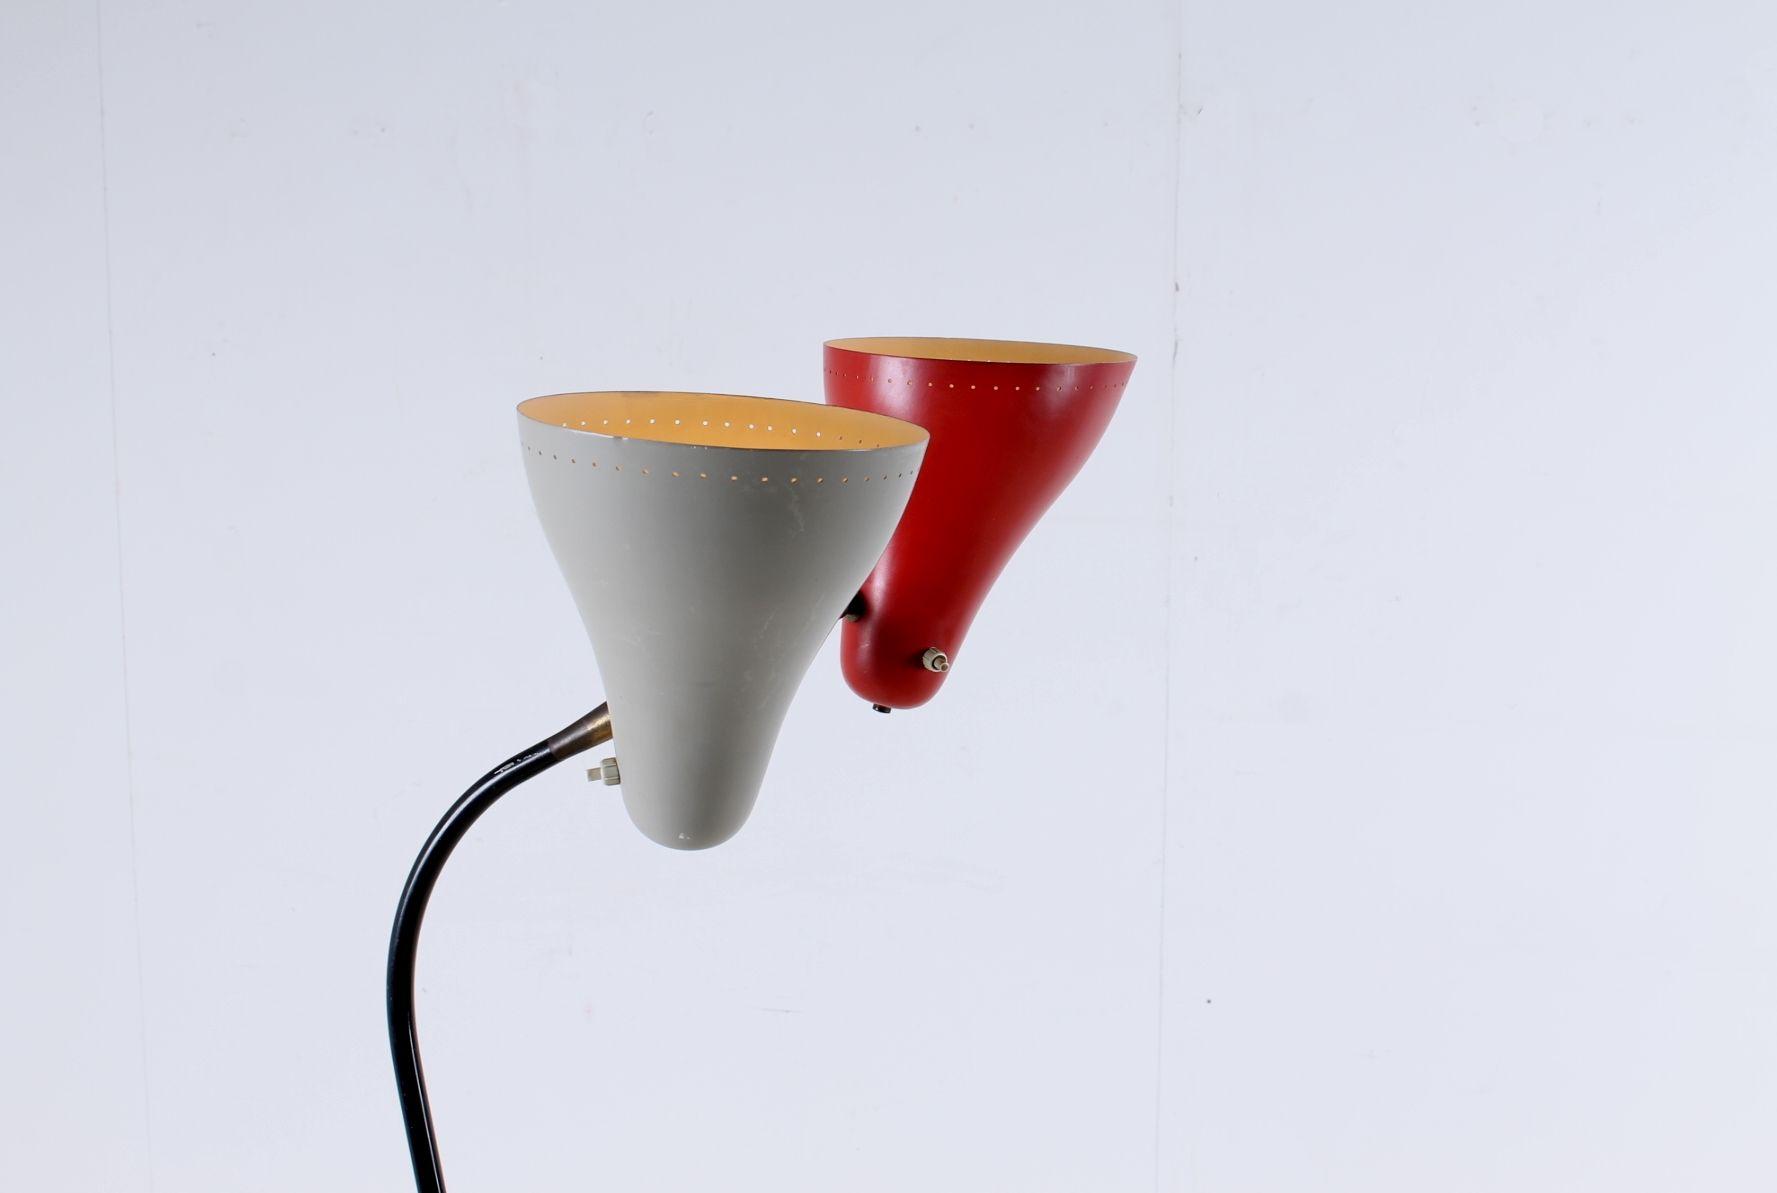 stehlampe mit doppeltem lampenschirm von j hoogervorst f r anvia bei pamono kaufen. Black Bedroom Furniture Sets. Home Design Ideas